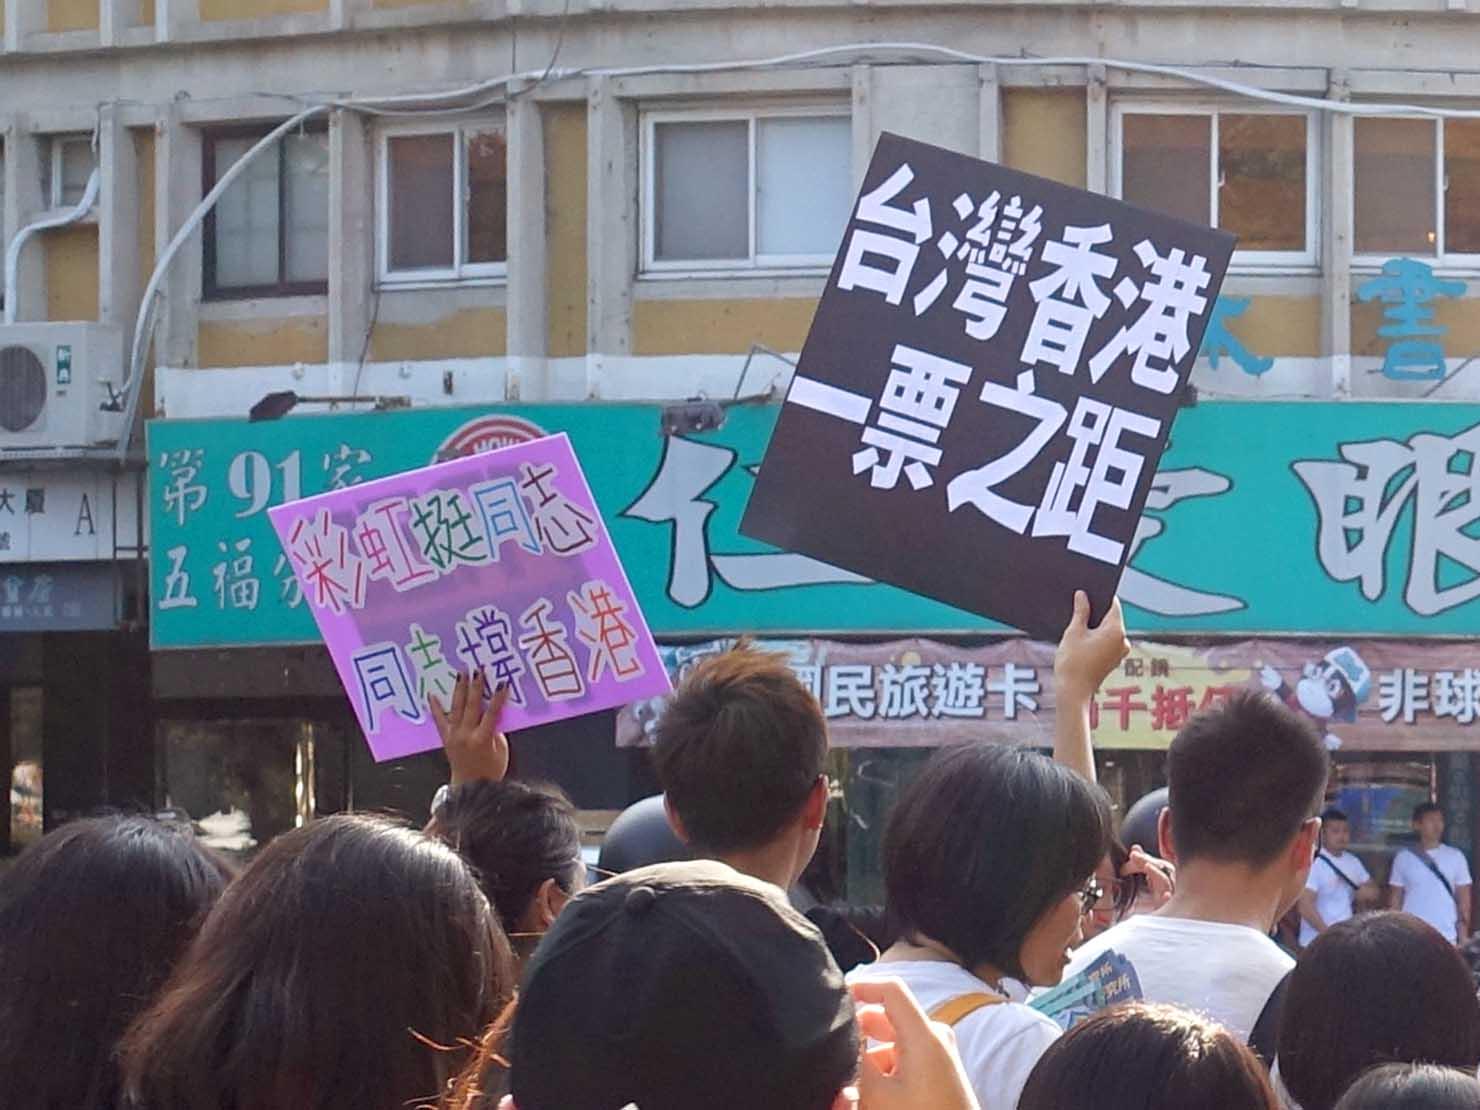 「高雄同志大遊行(高雄プライド)」2019のパレードで掲げられた香港に関するプラカード